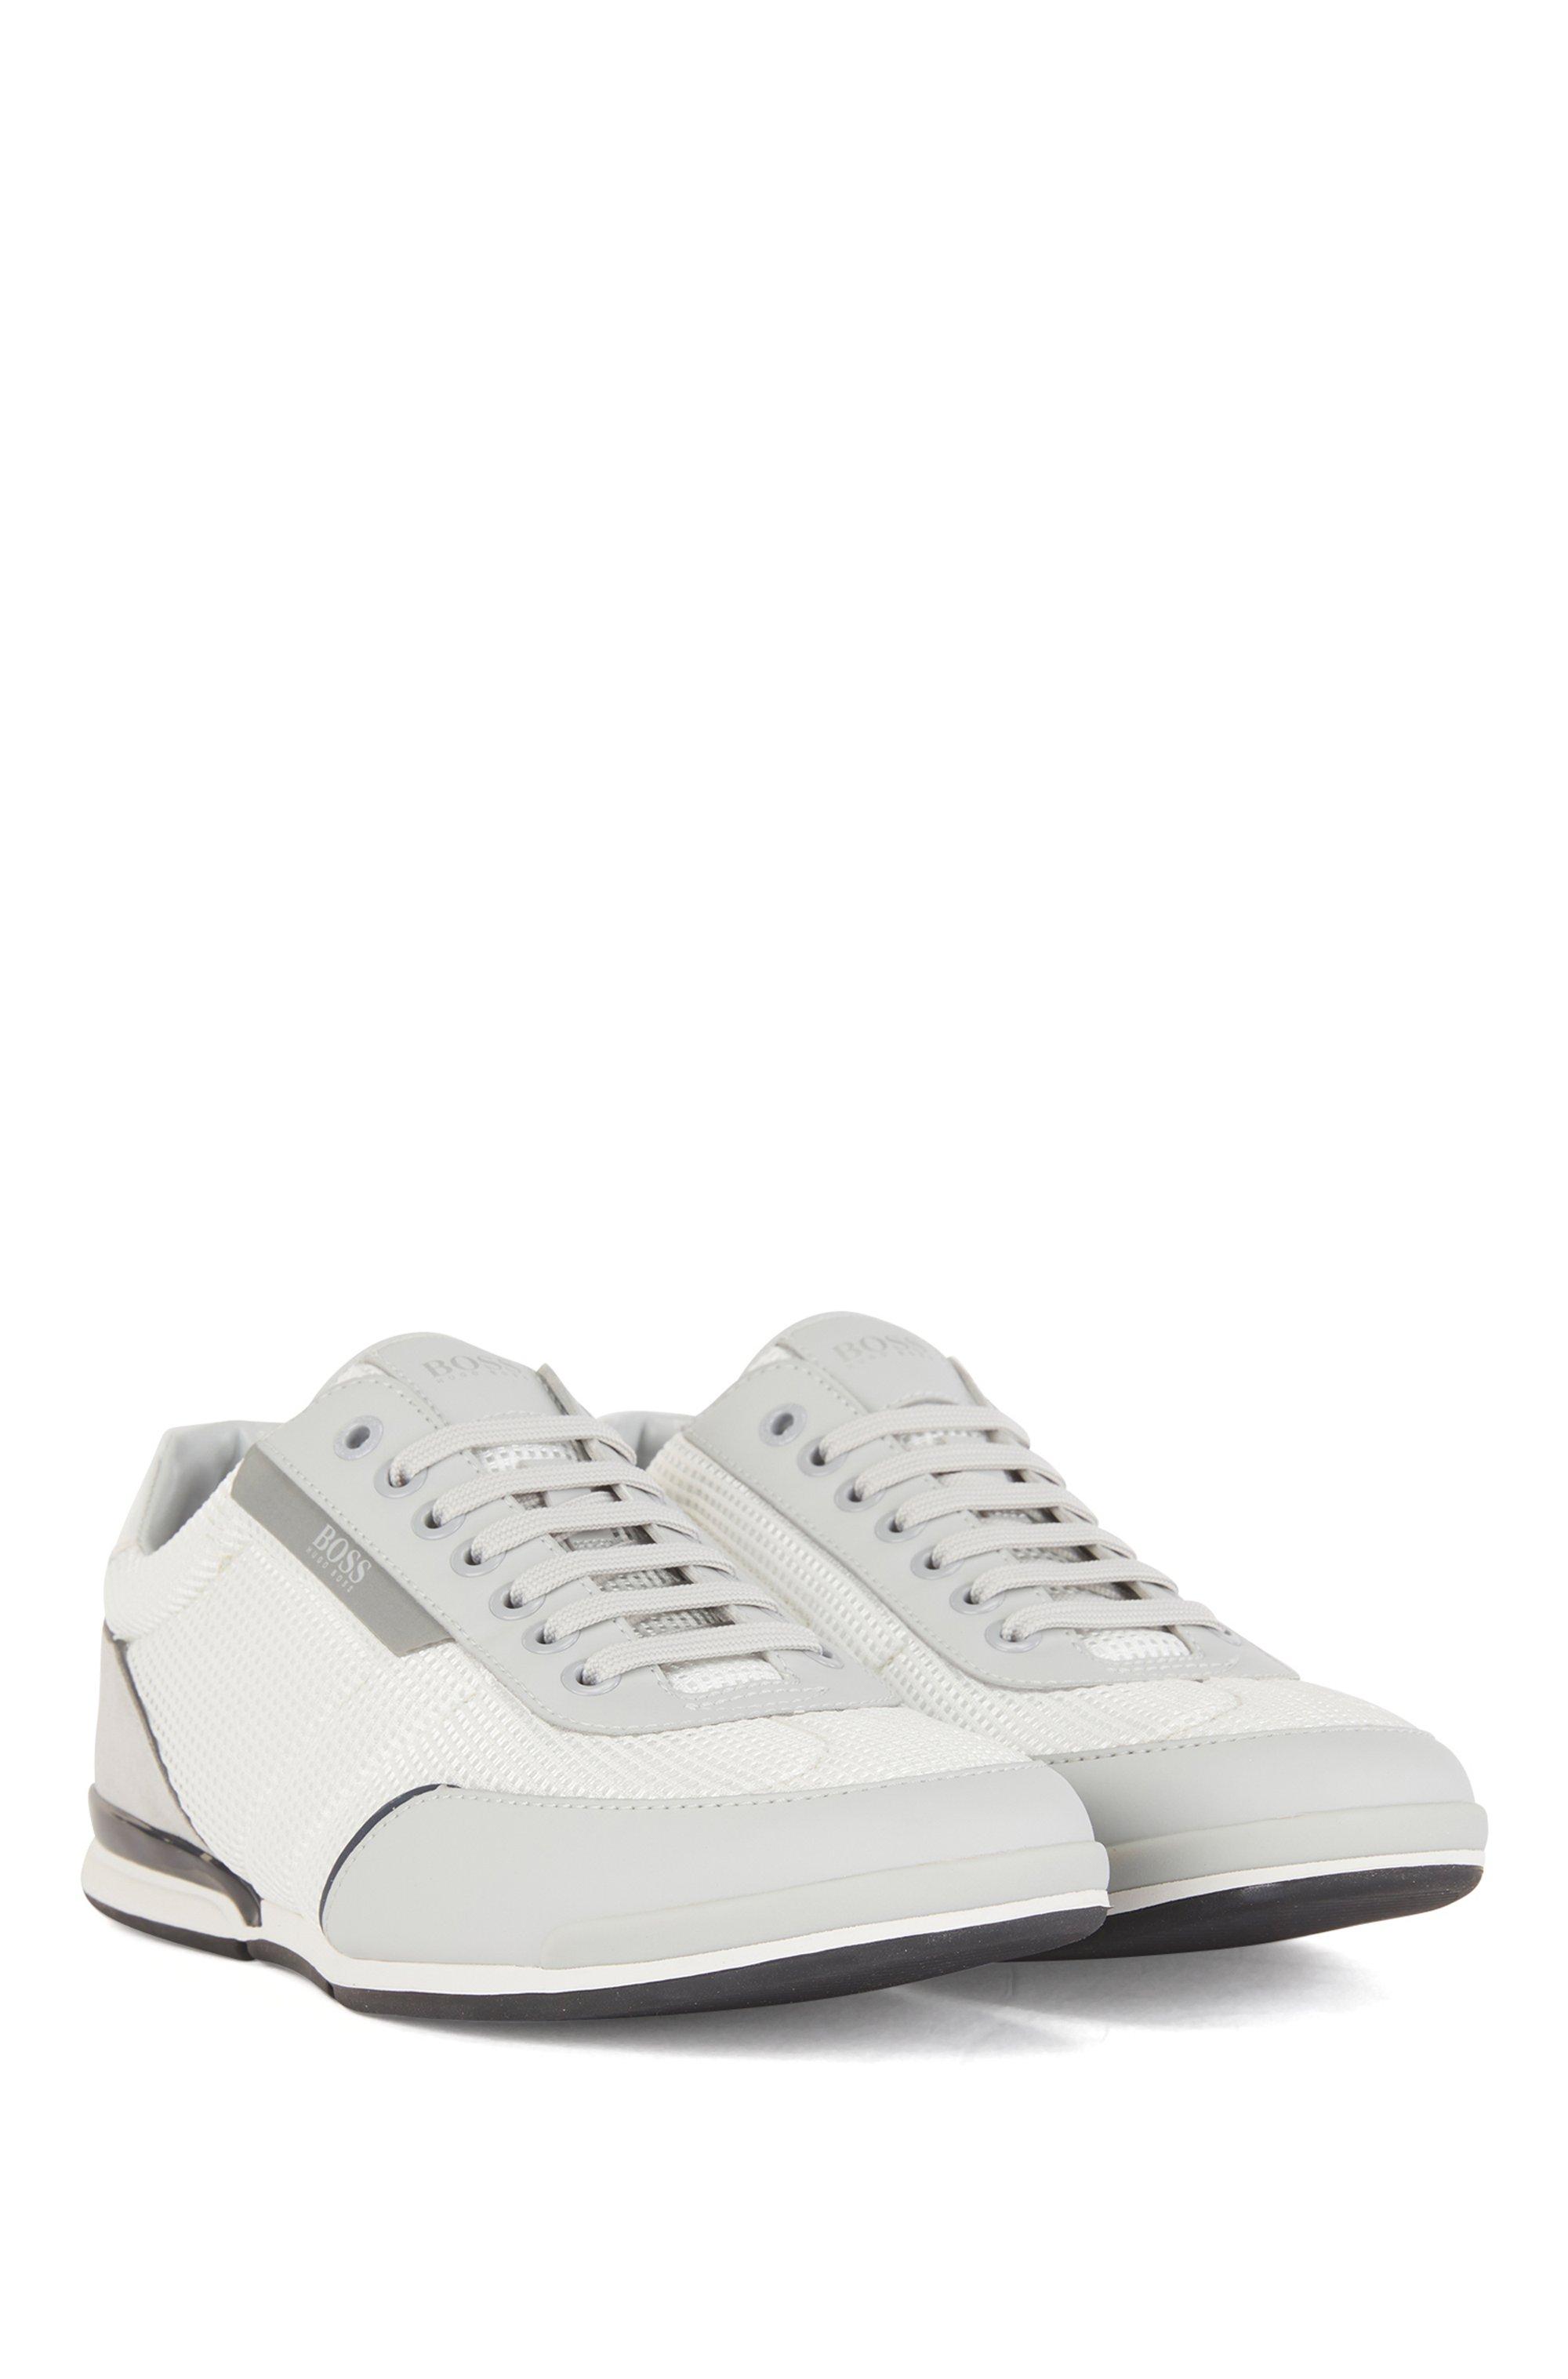 Sneakers aus Mesh mit gummierten Details